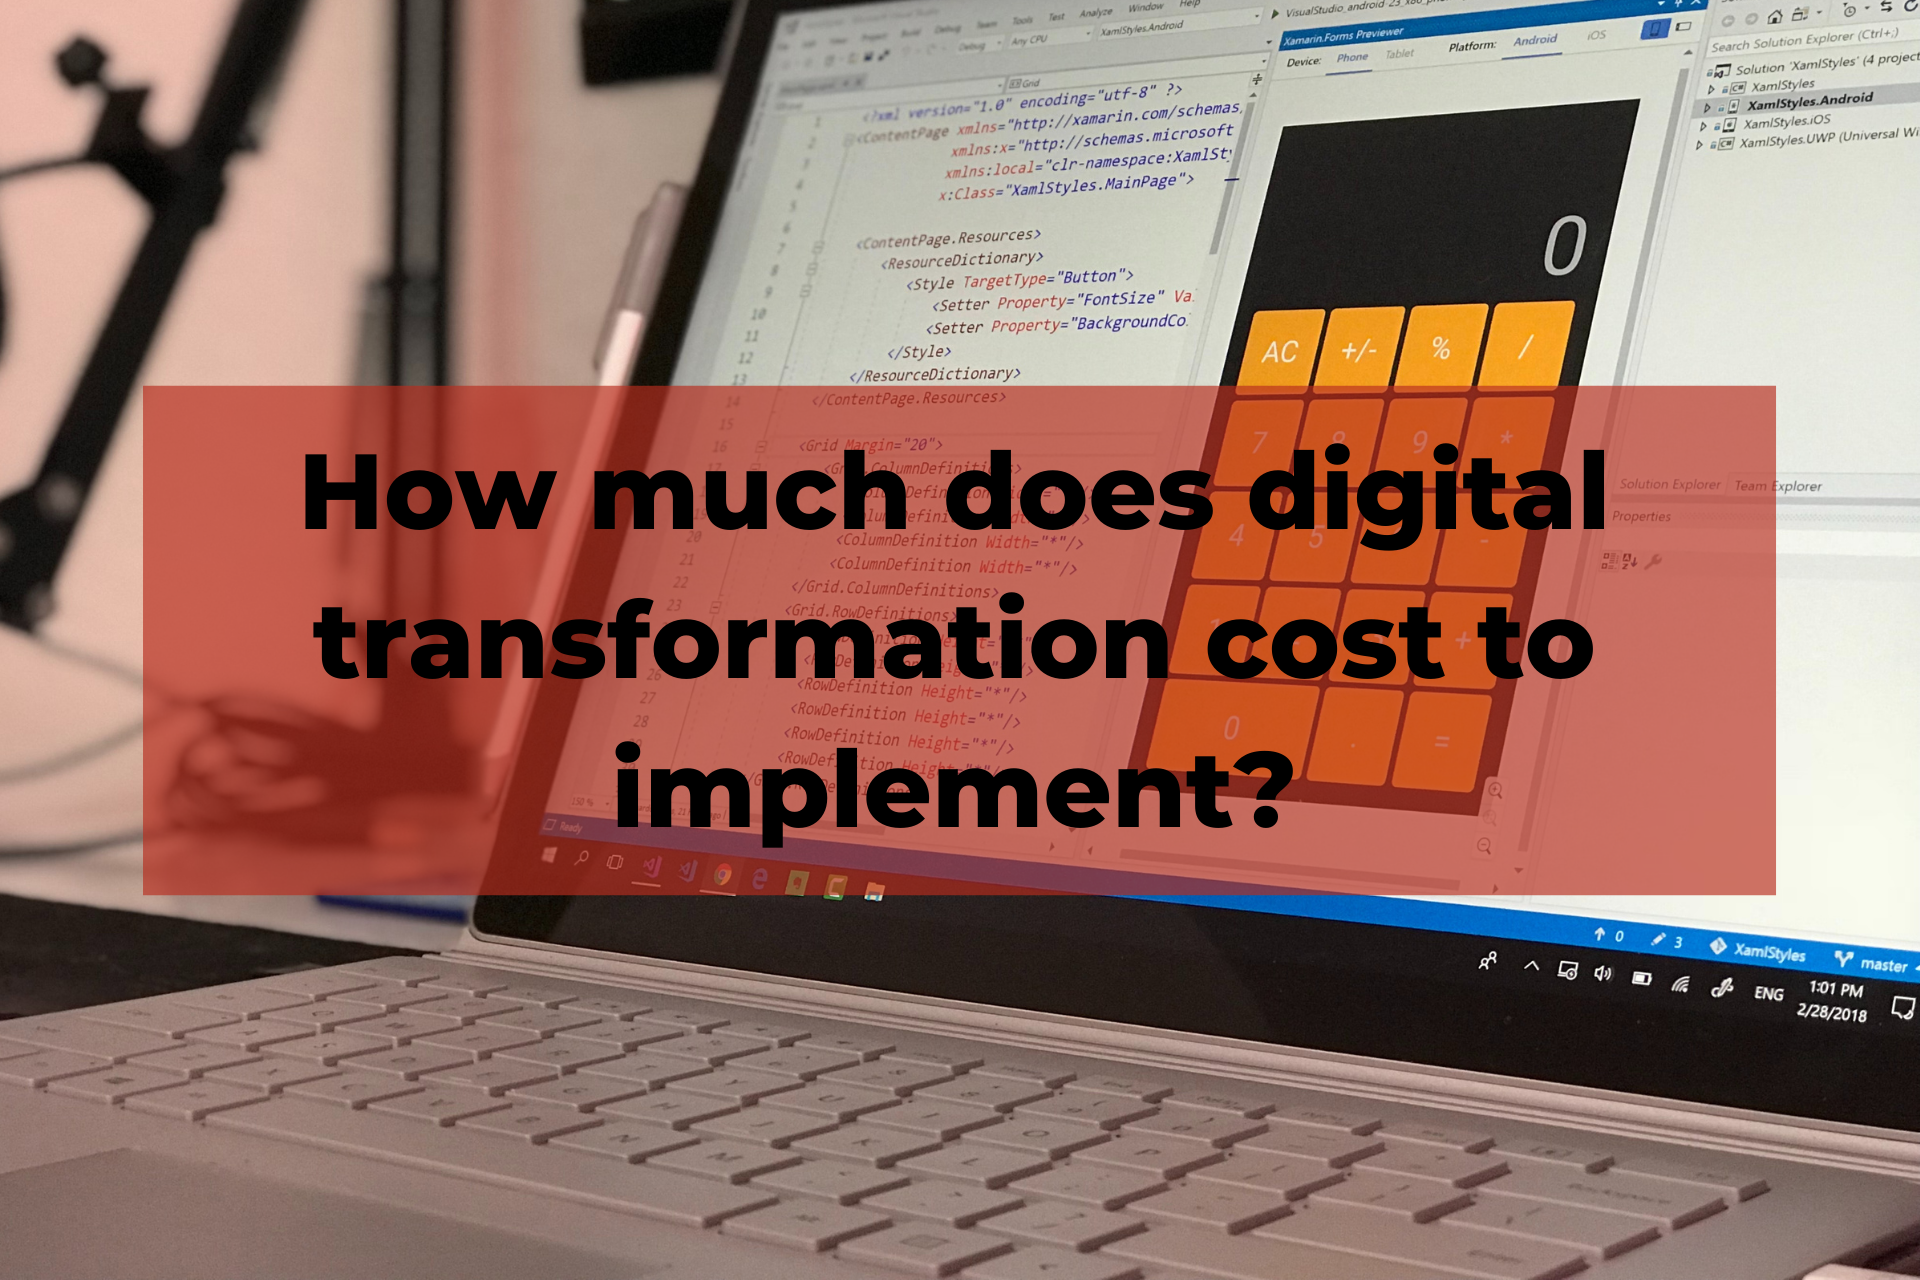 Digital transformation cost